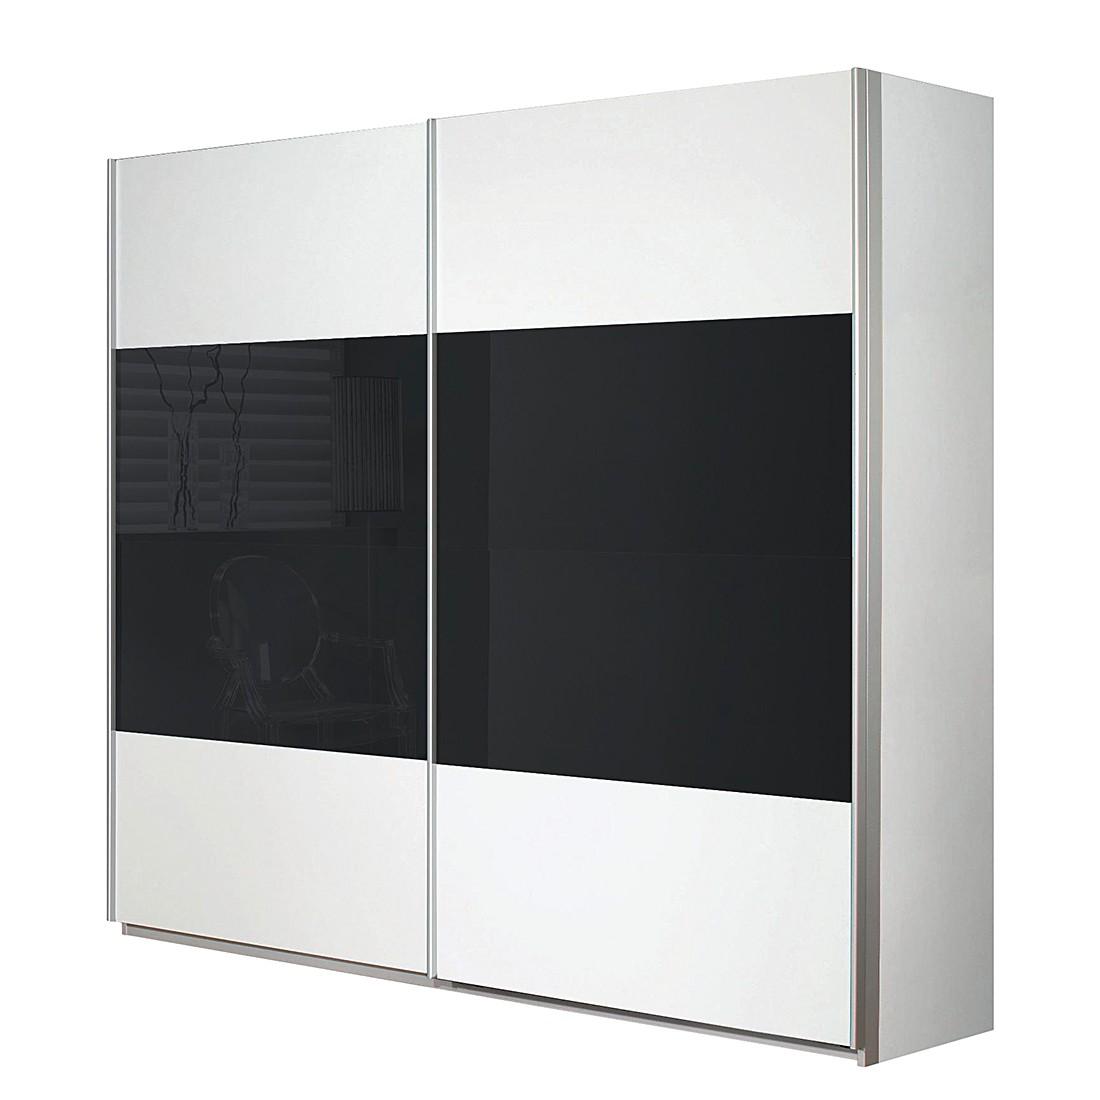 Schwebetürenschrank Quadra – Alpinweiß /Glas Basalt – Breite x Höhe: 181 x 230 cm, Rauch Pack´s günstig